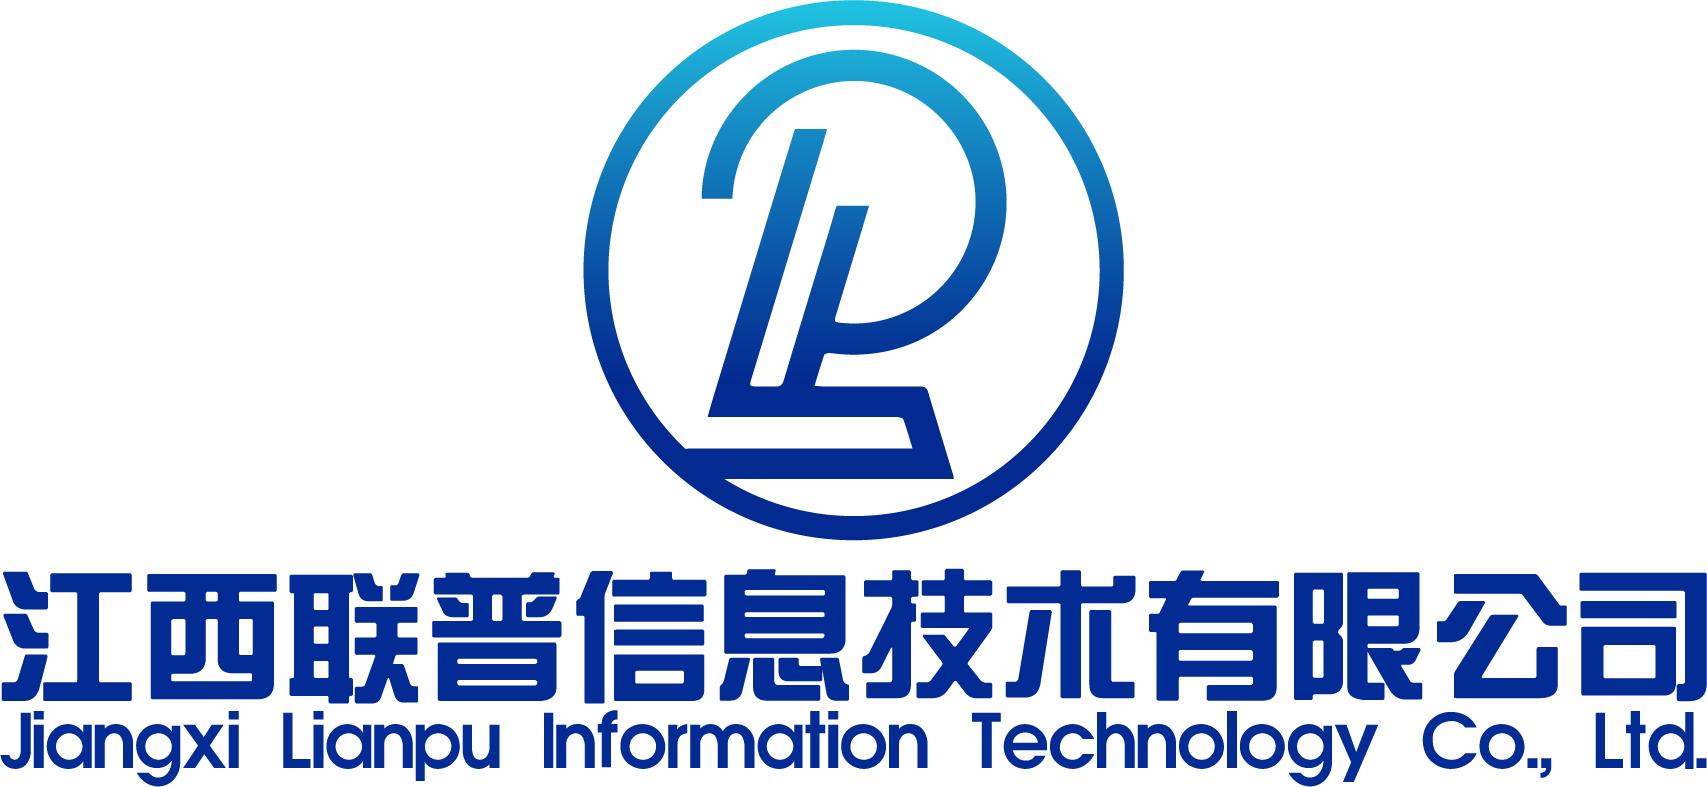 江西联普信息技术有限公司